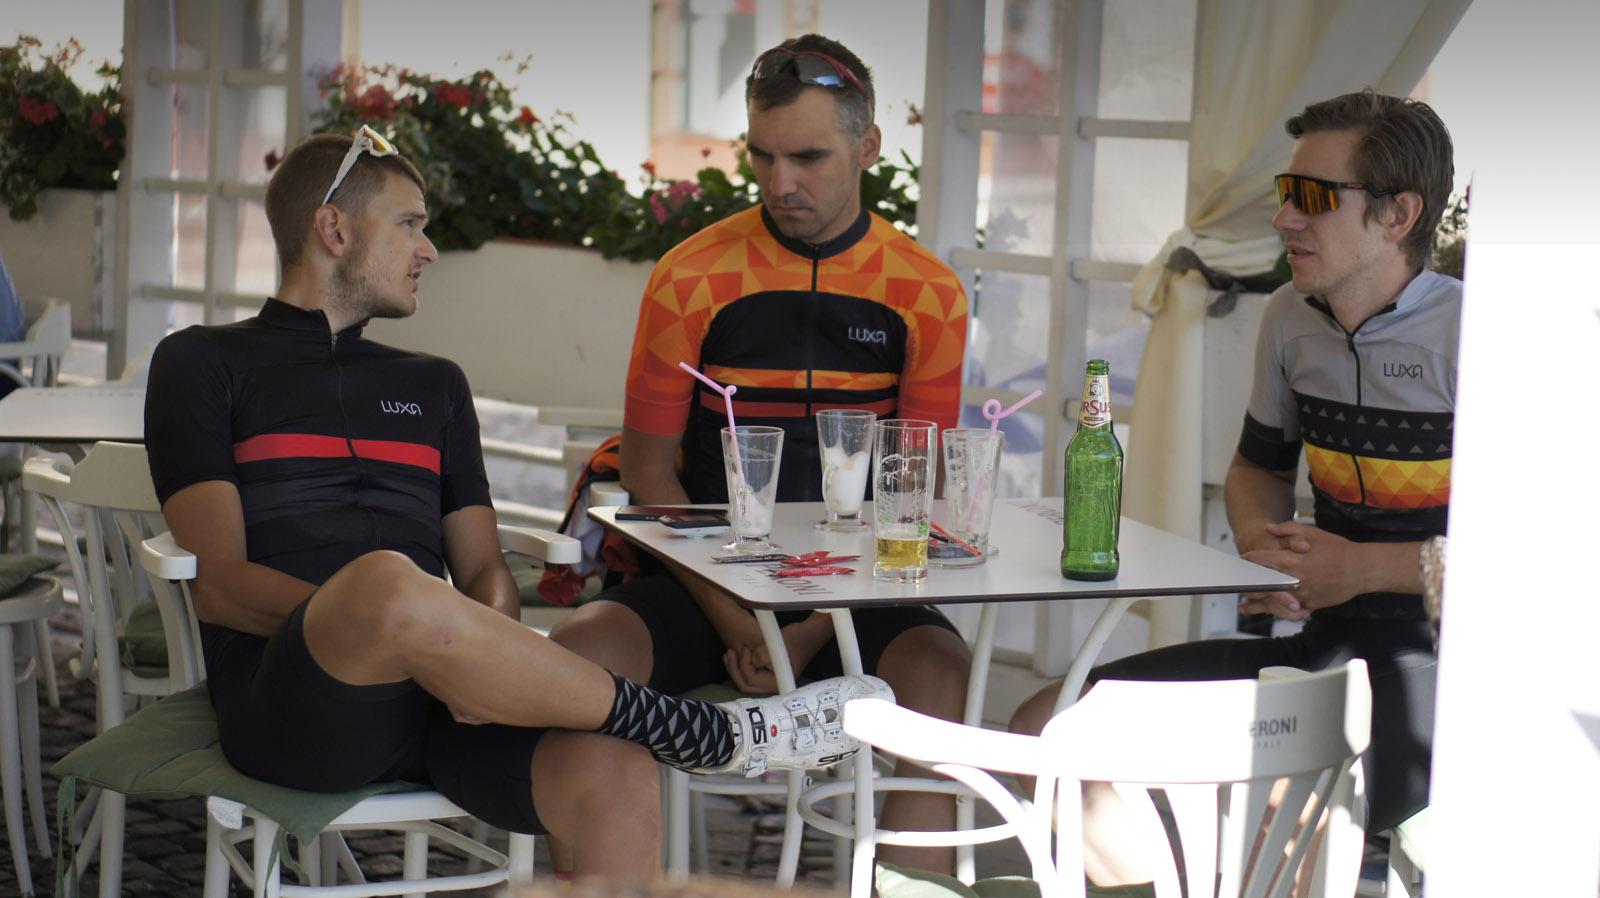 luxa on coffe and beer break in sibiu romania